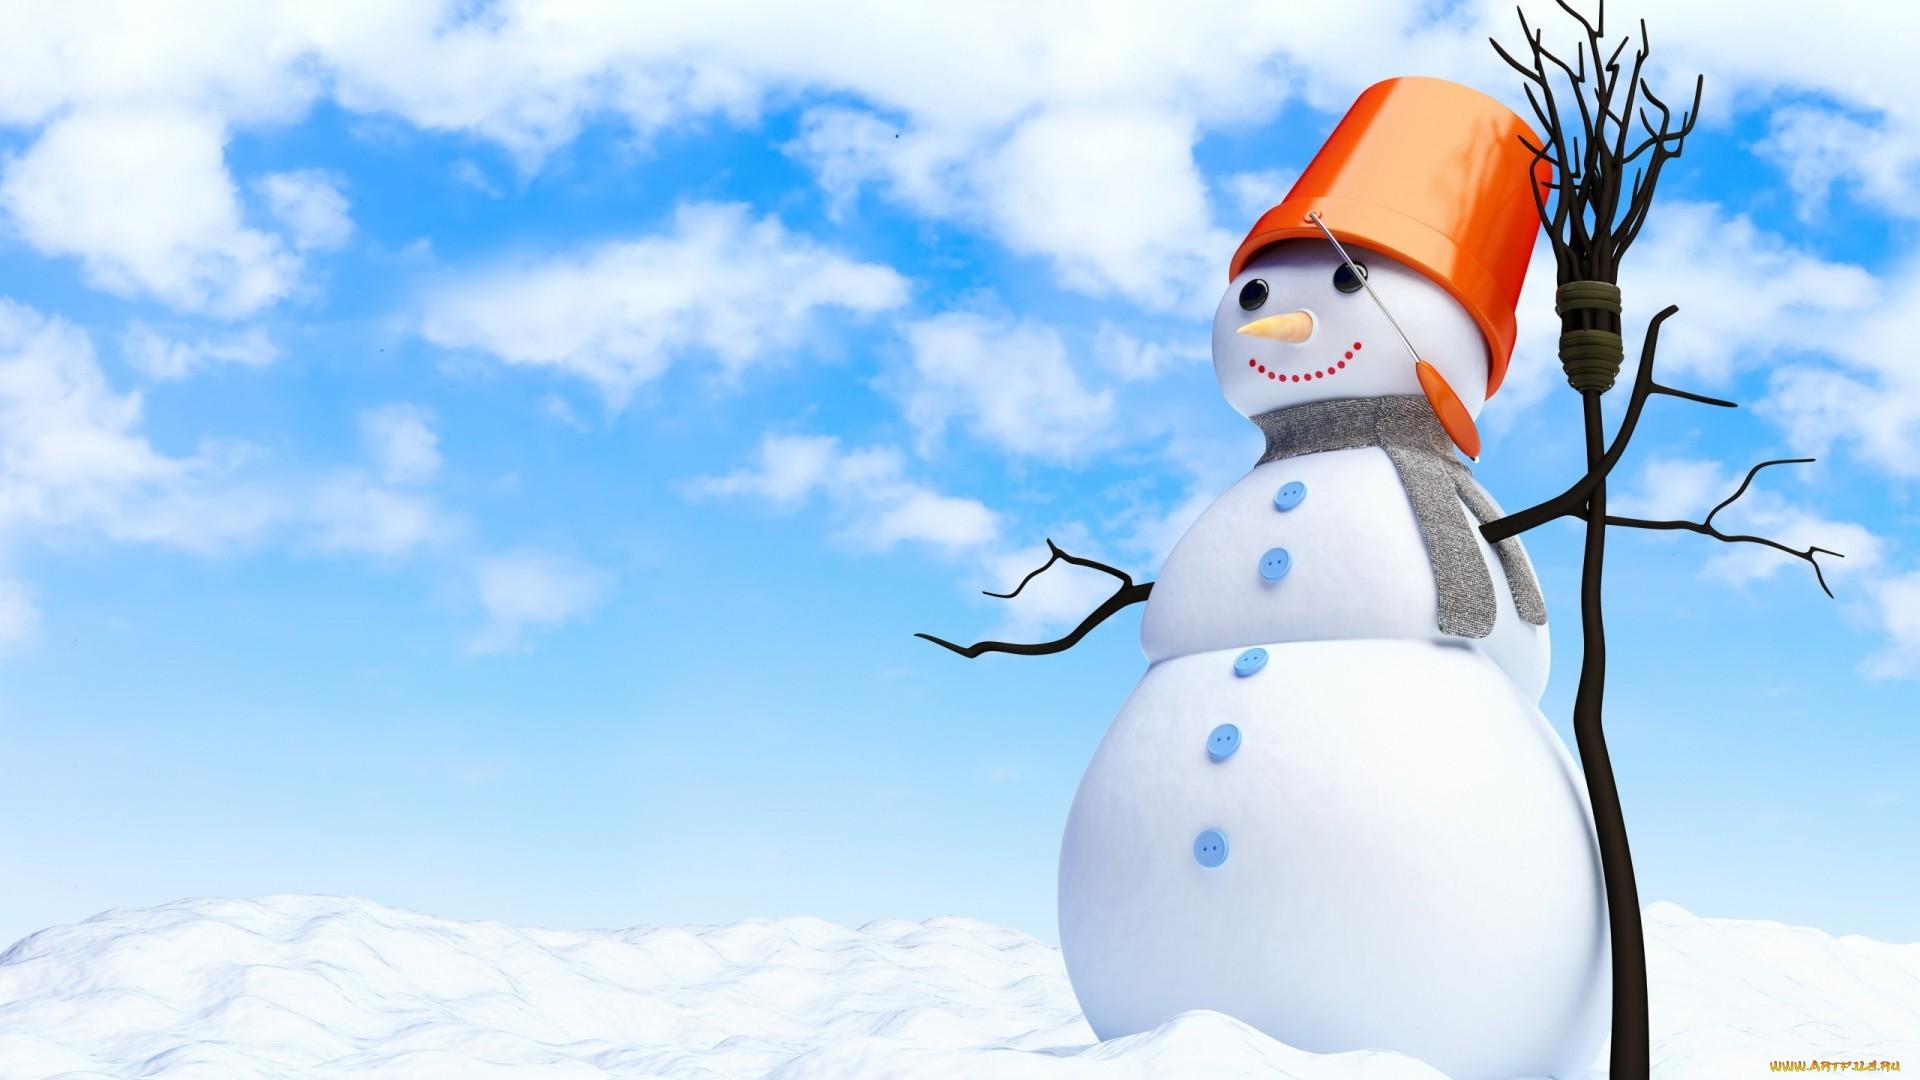 Snowman computer wallpaper